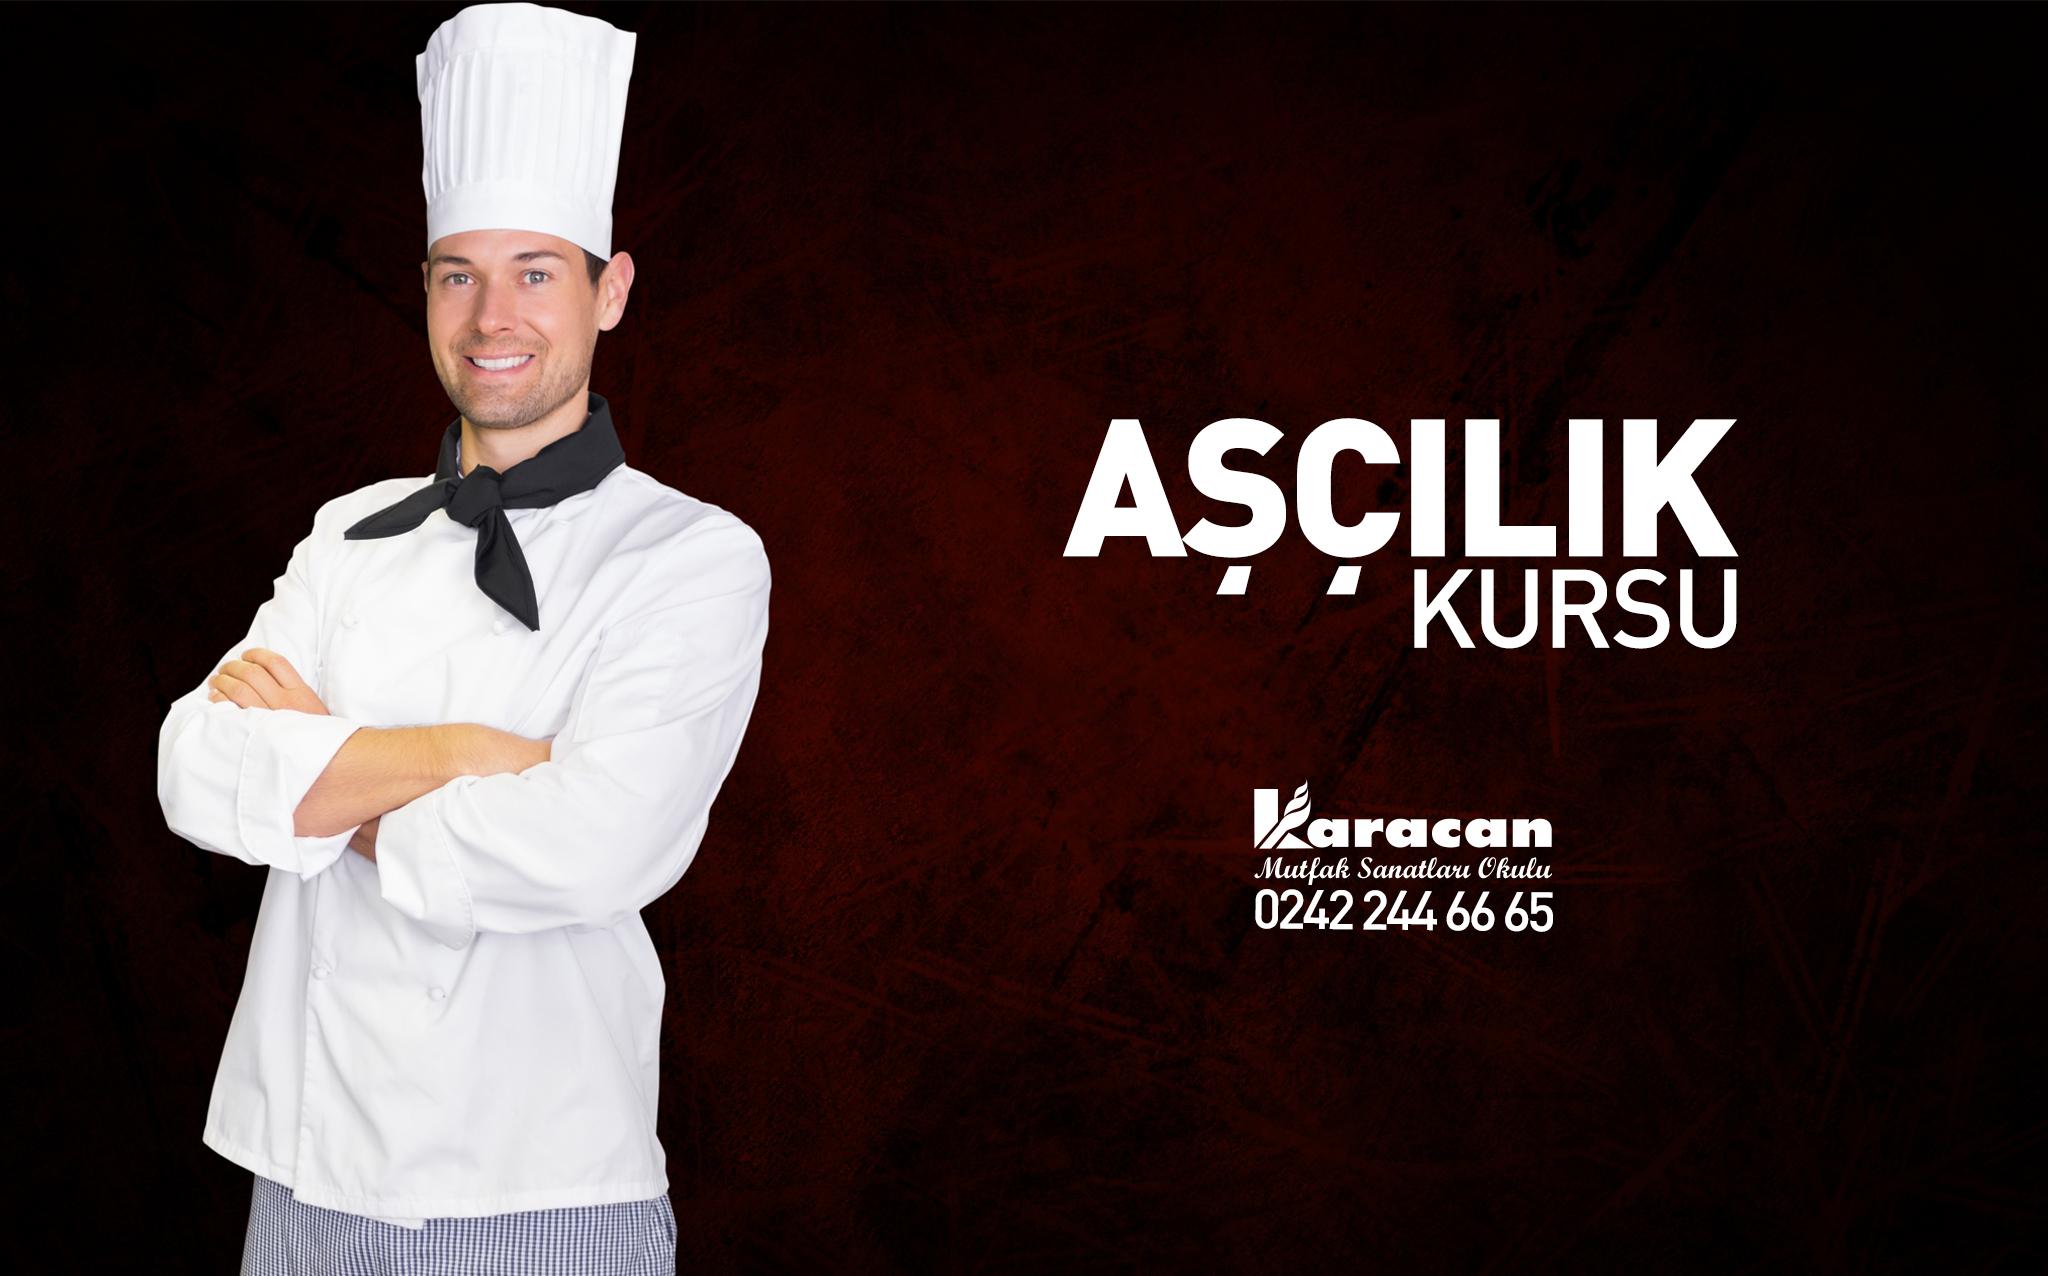 Antalya Aşçılık Kursu